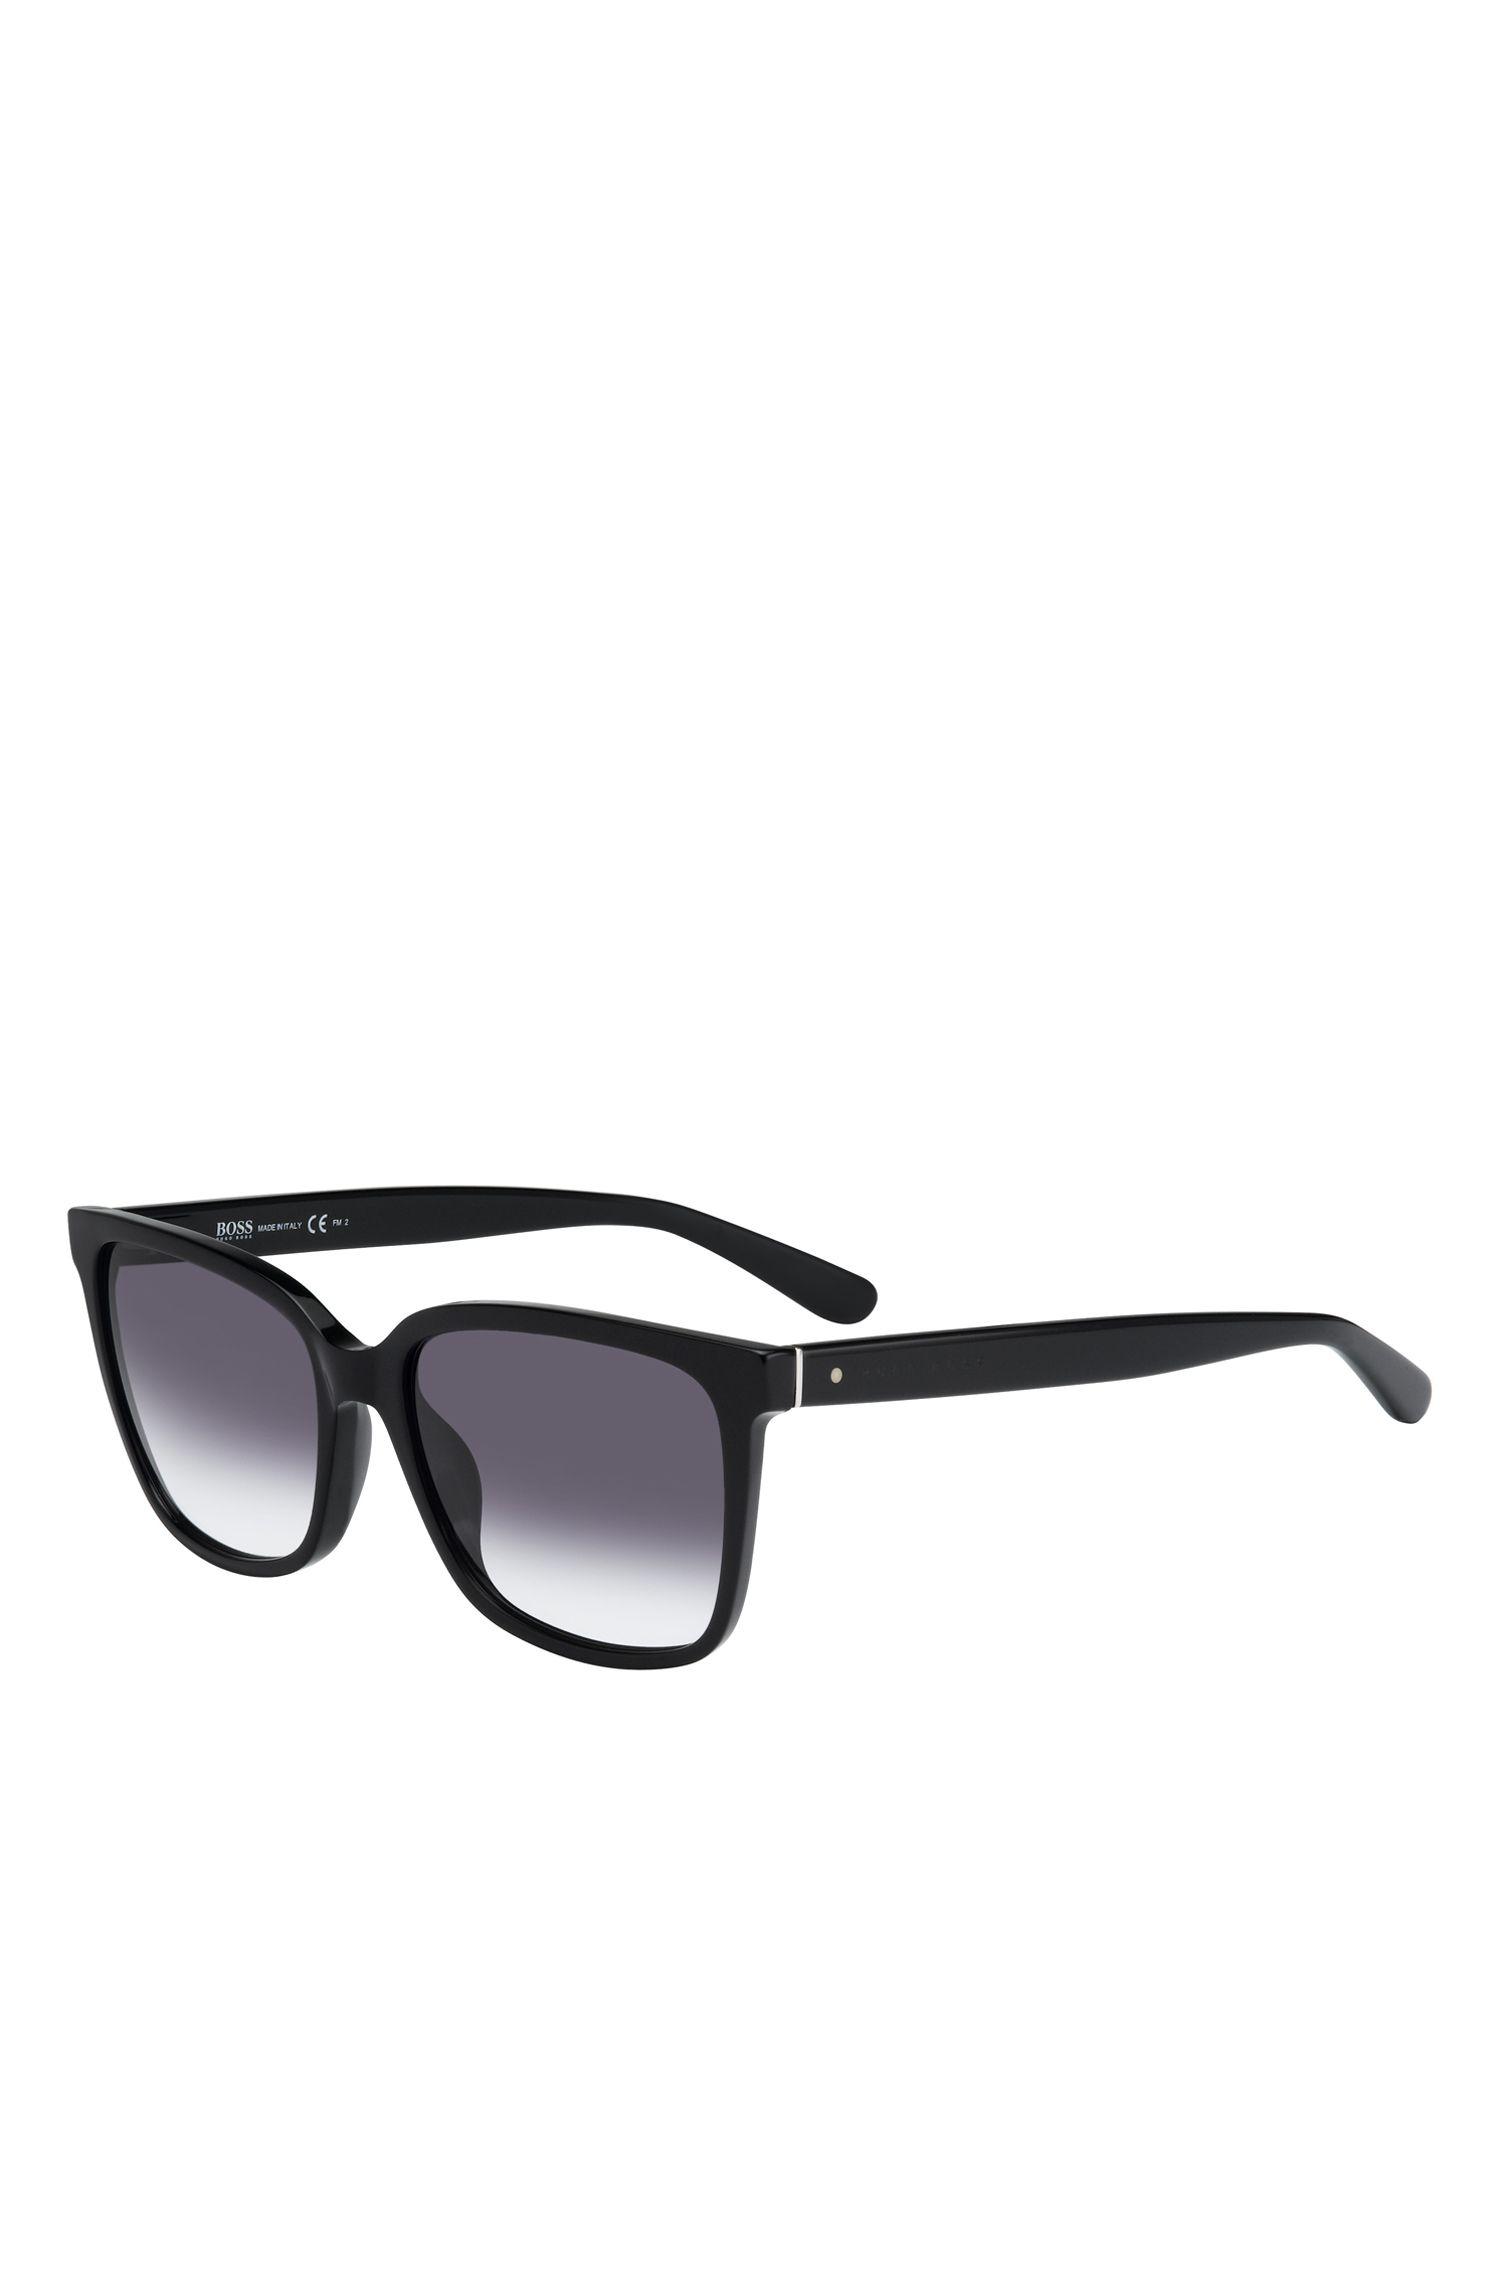 'BOSS 0787S' | Gradient Lens Rectangular Sunglasses